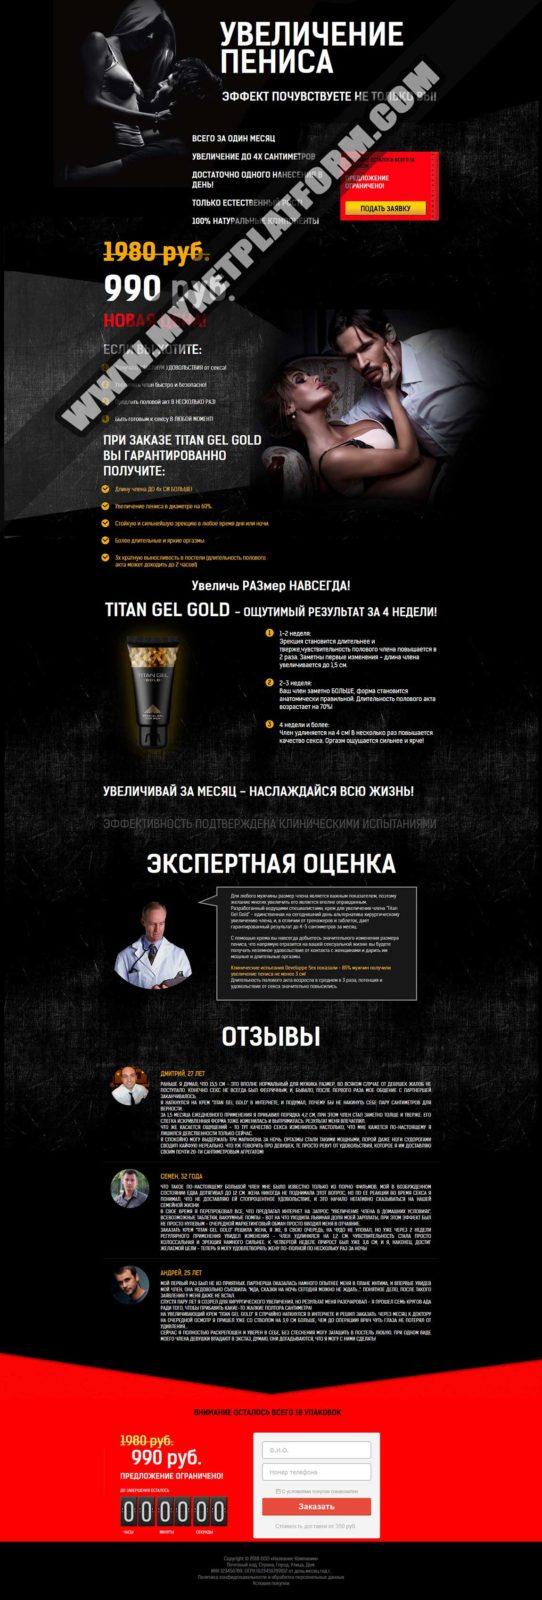 Скриншот Готового лендинга Titan Gel Gold мужской гель 002